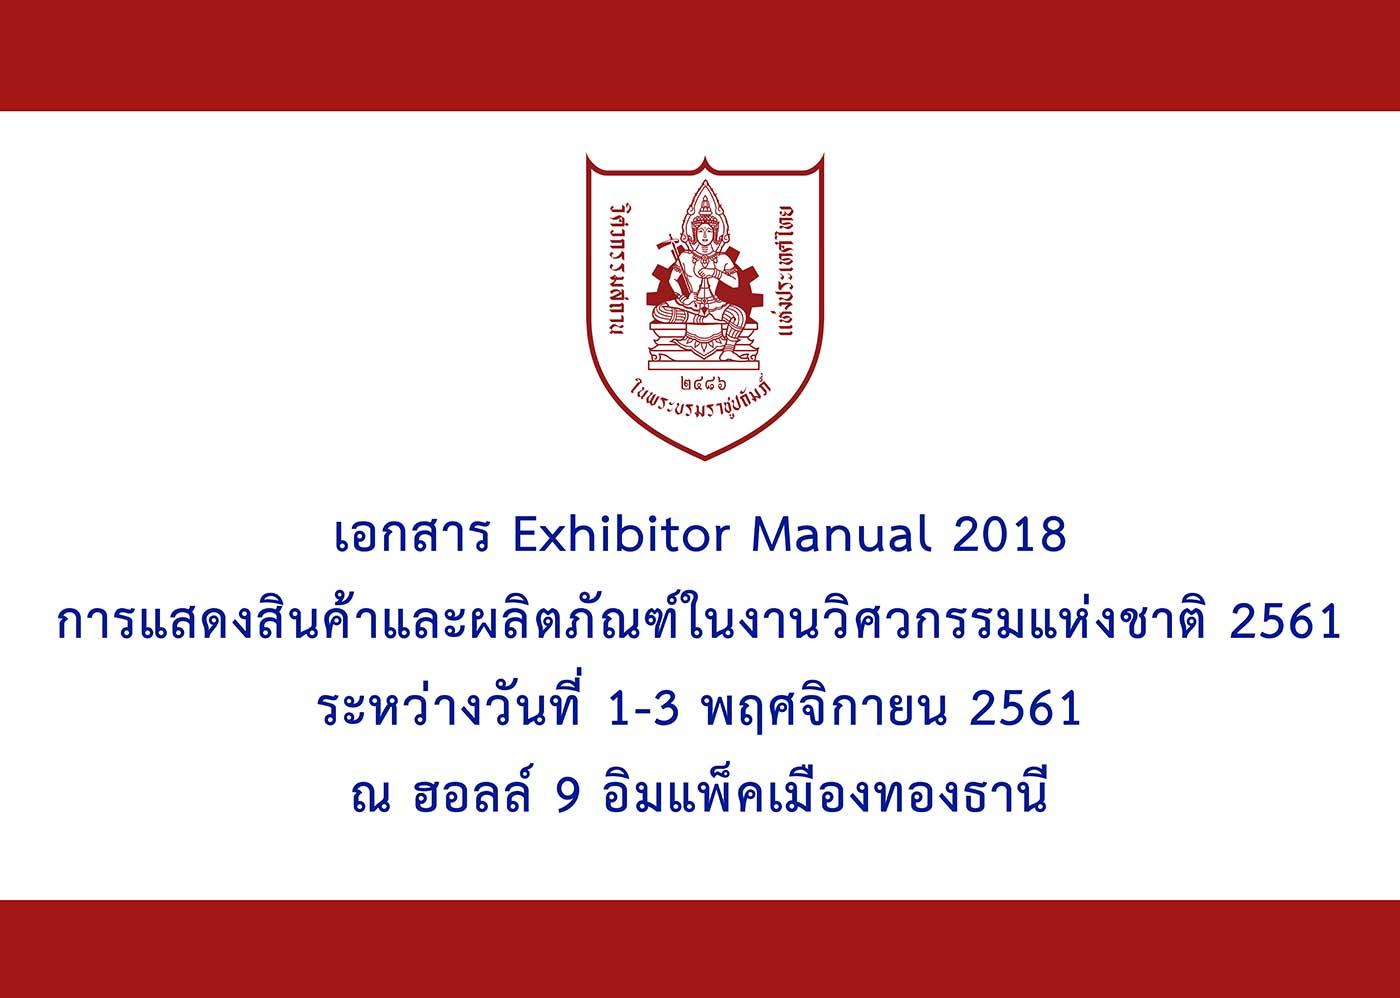 เอกสารข้อมูล Exhibition งานวิศวกรรมแห่งชาติประจำปี 2561